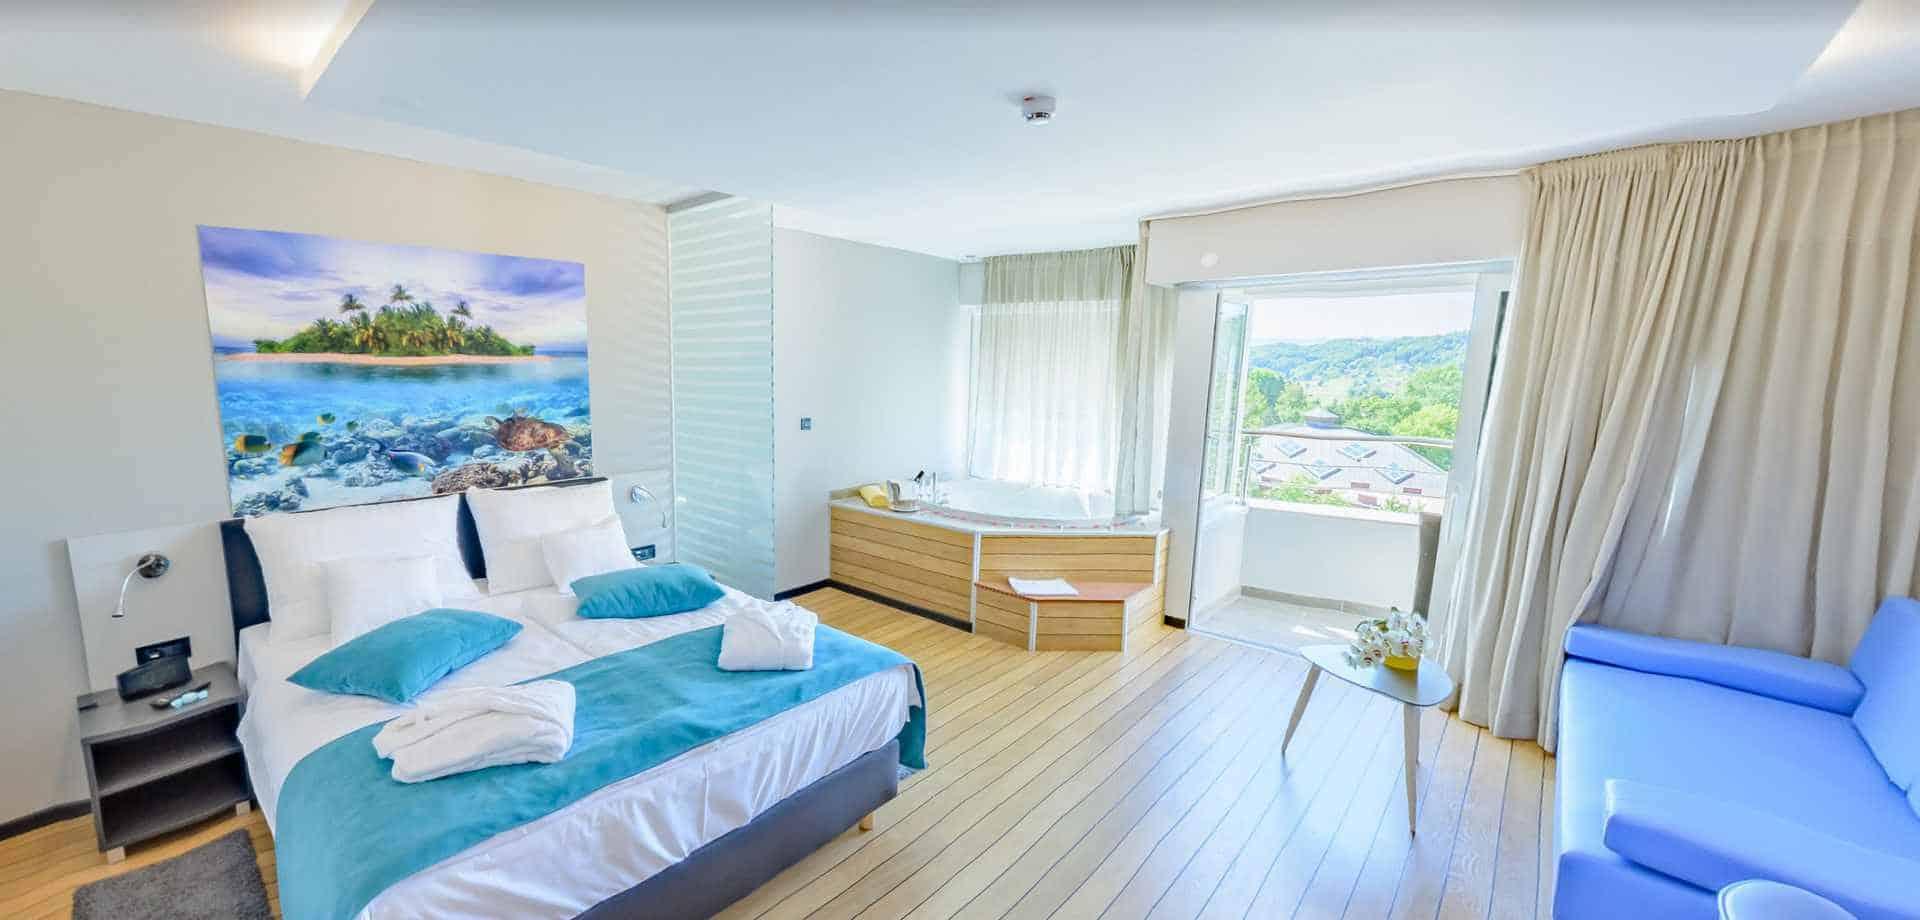 Virtualna šetnja - Spa Premium Room - Hotel Villa Magdalena, Krapinske Toplice